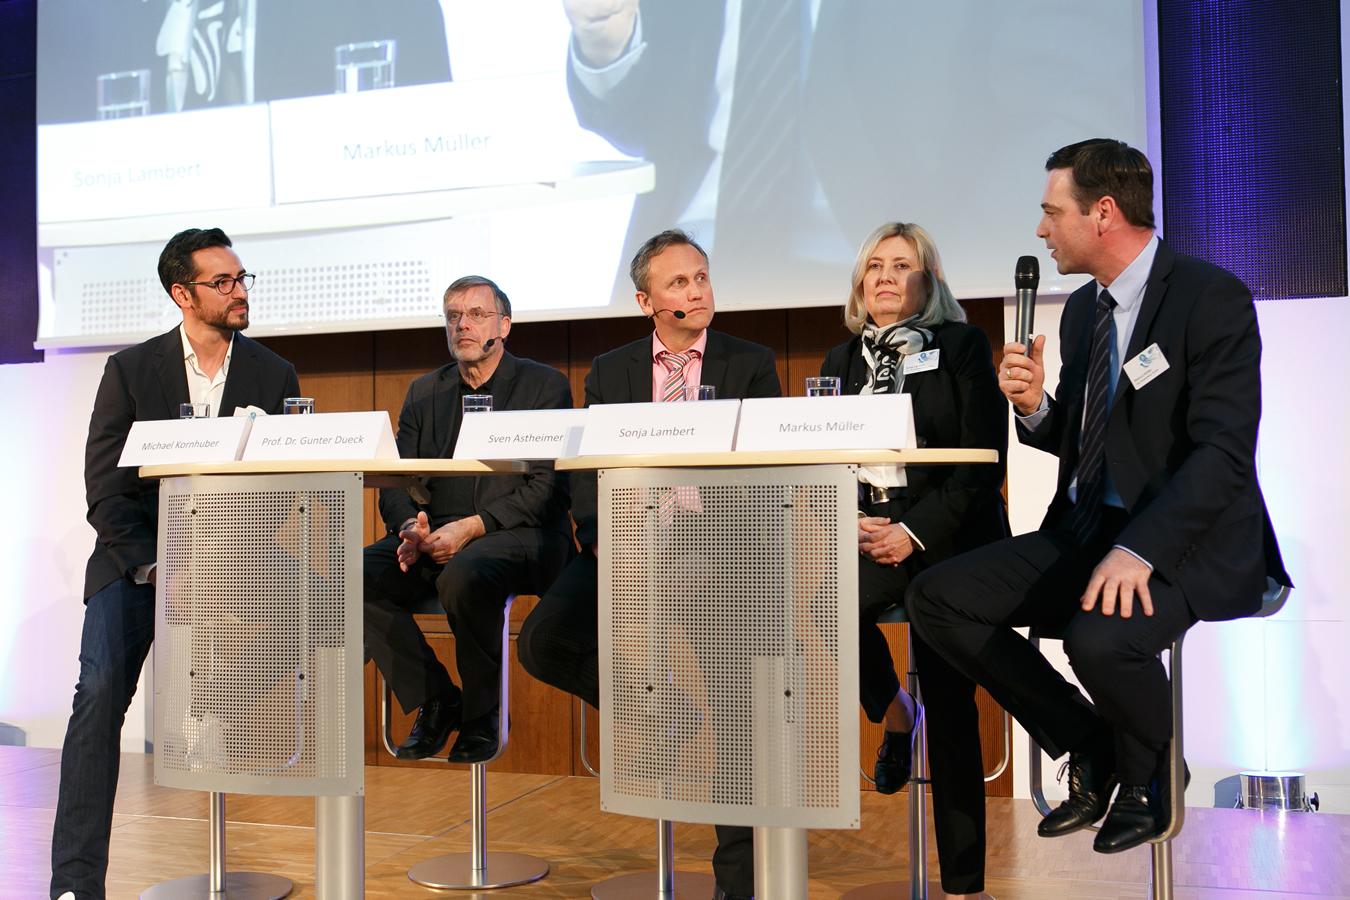 Talkrunde mit Kornhuber, Dueck, Astheimer, Lambert und Müller (anbei)